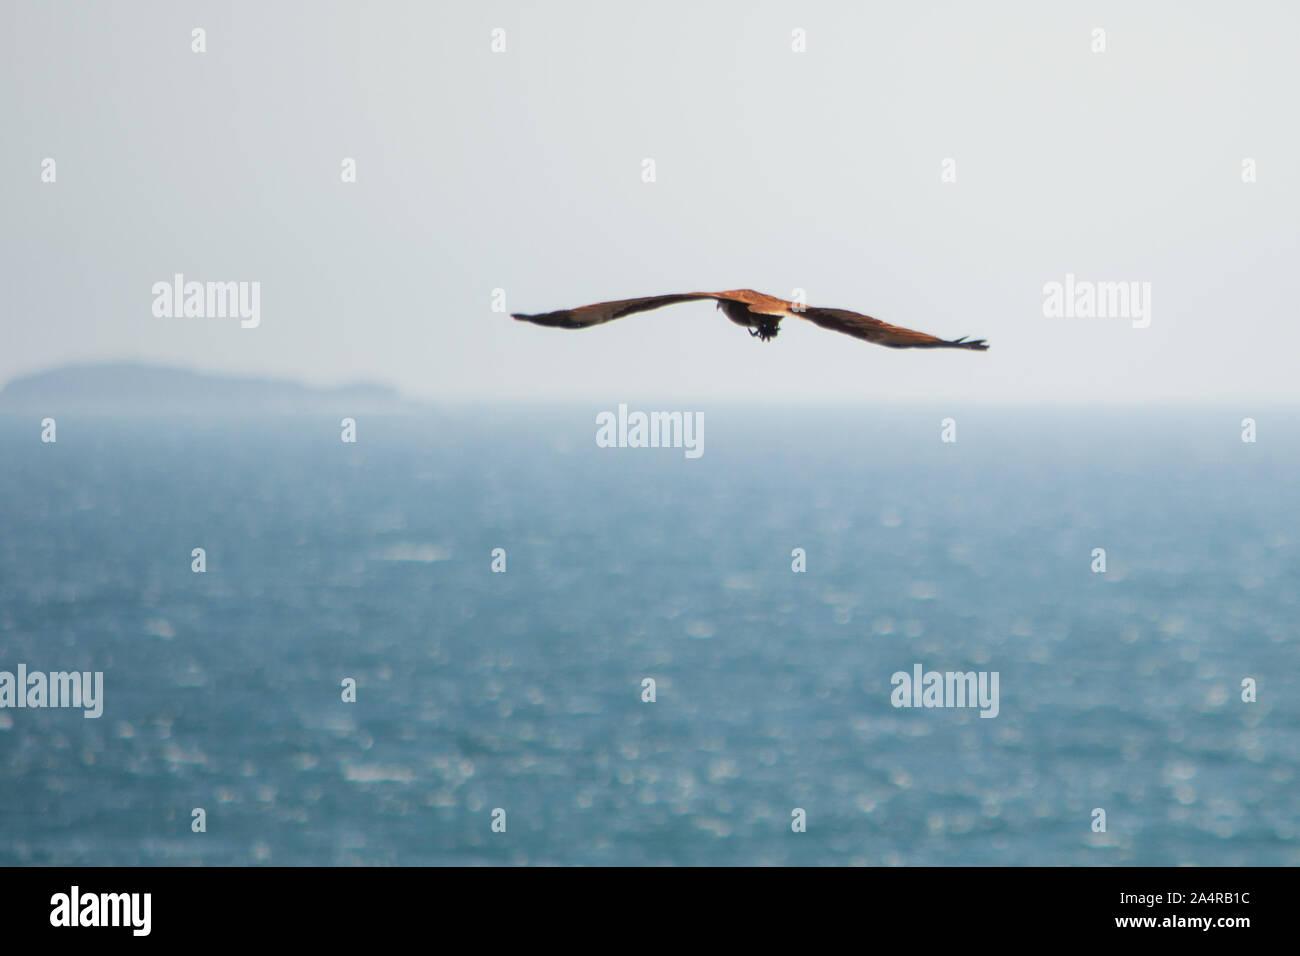 Brahminy Kite, pájaro de presa, en vuelo sosteniendo un cangrejo con sus pies, encontrando un poco difícil de despegar Foto de stock